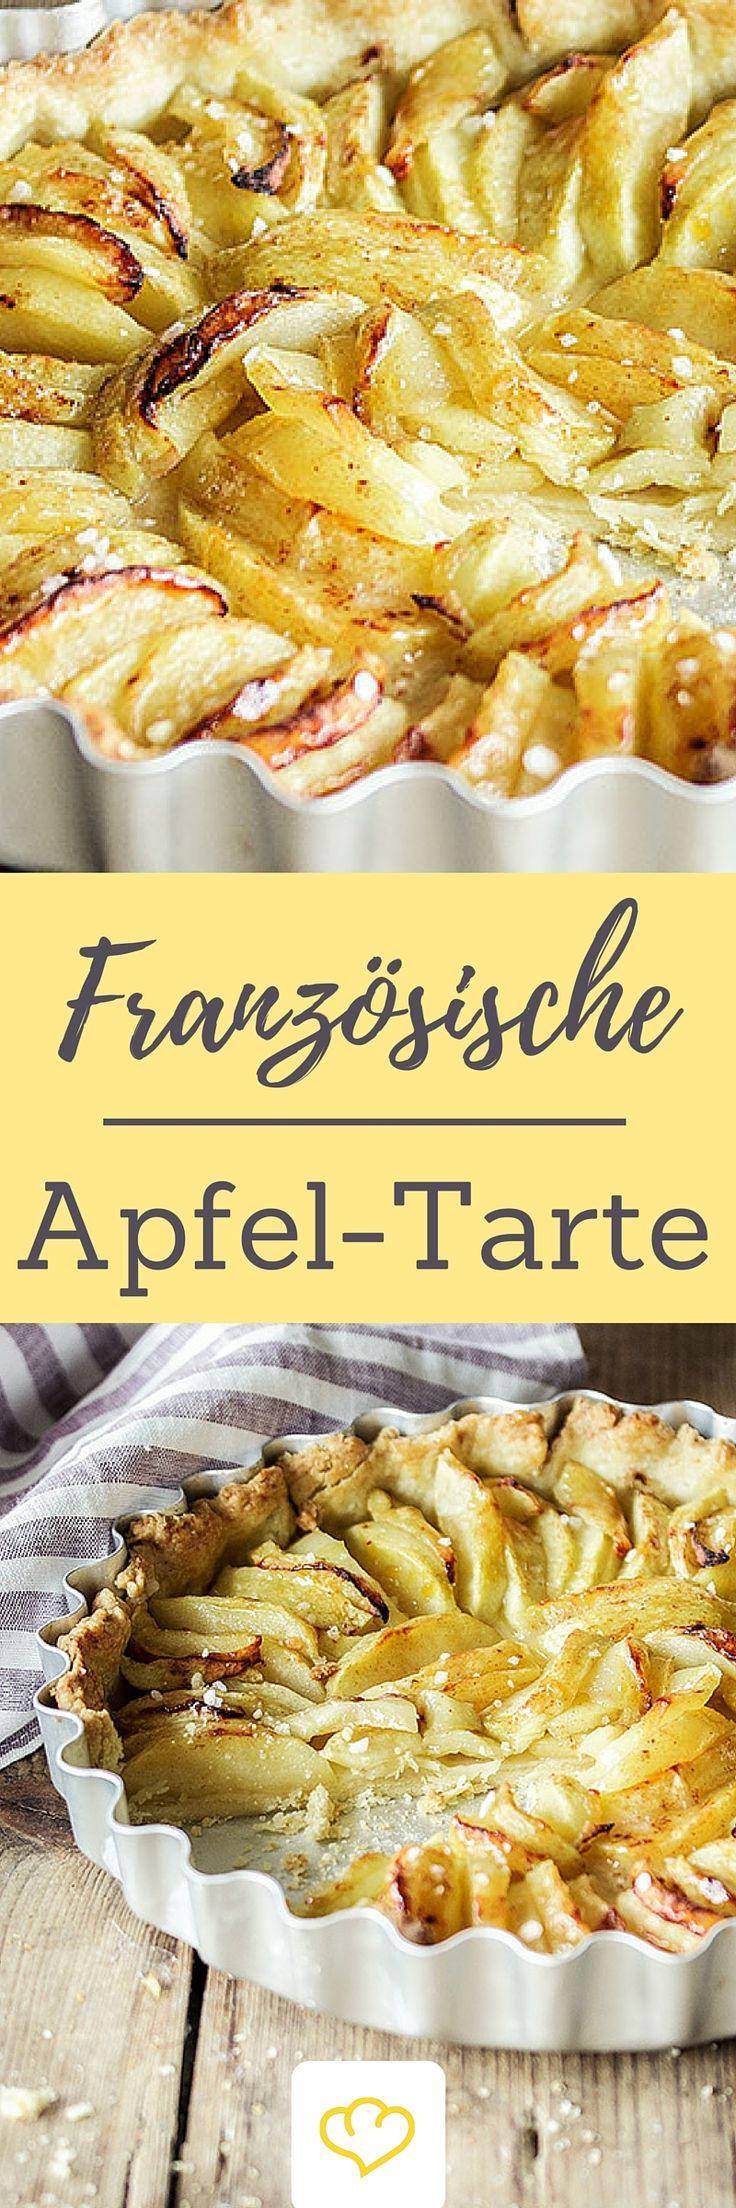 Gebackene Äpfel und dazu ein feiner Hauch Zimt - so schmeckt's im Herbst am besten. Unsere Apfel-Tarte ist die perfekte Nascherei für gemütliche Nachmittage.